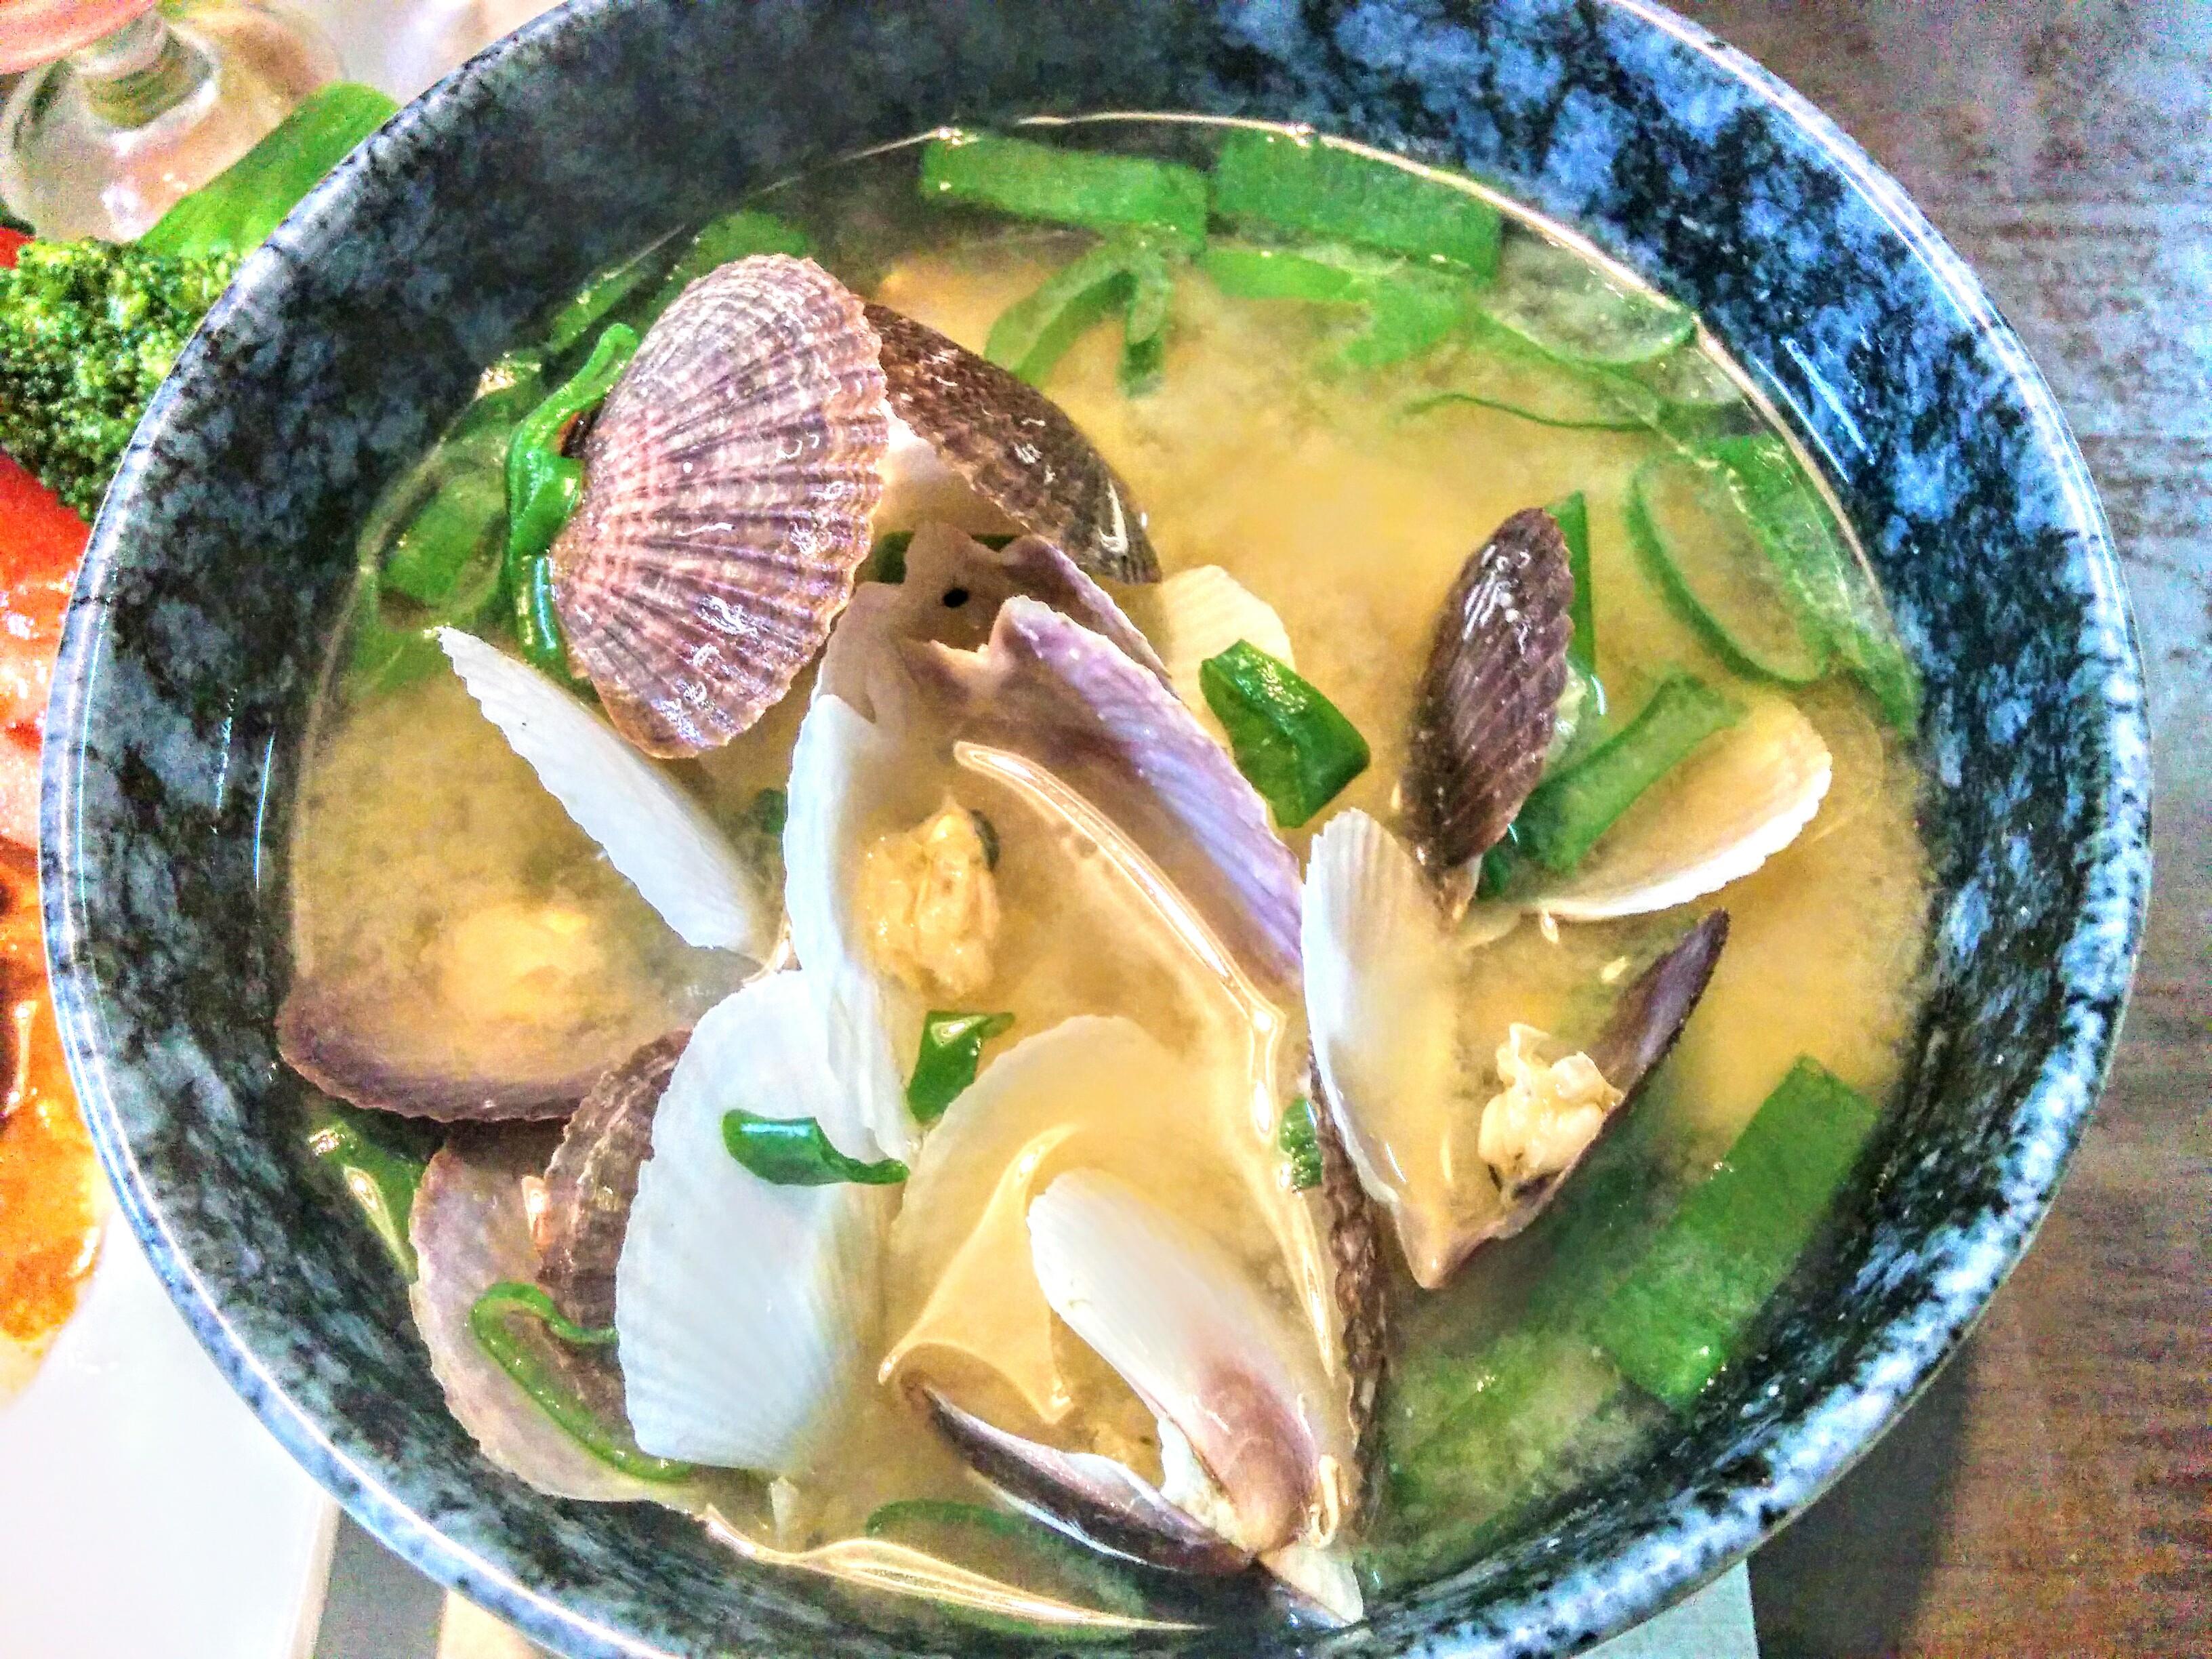 【小樽】お家御飯・ホタテの稚貝の味噌汁グルメ案内です。